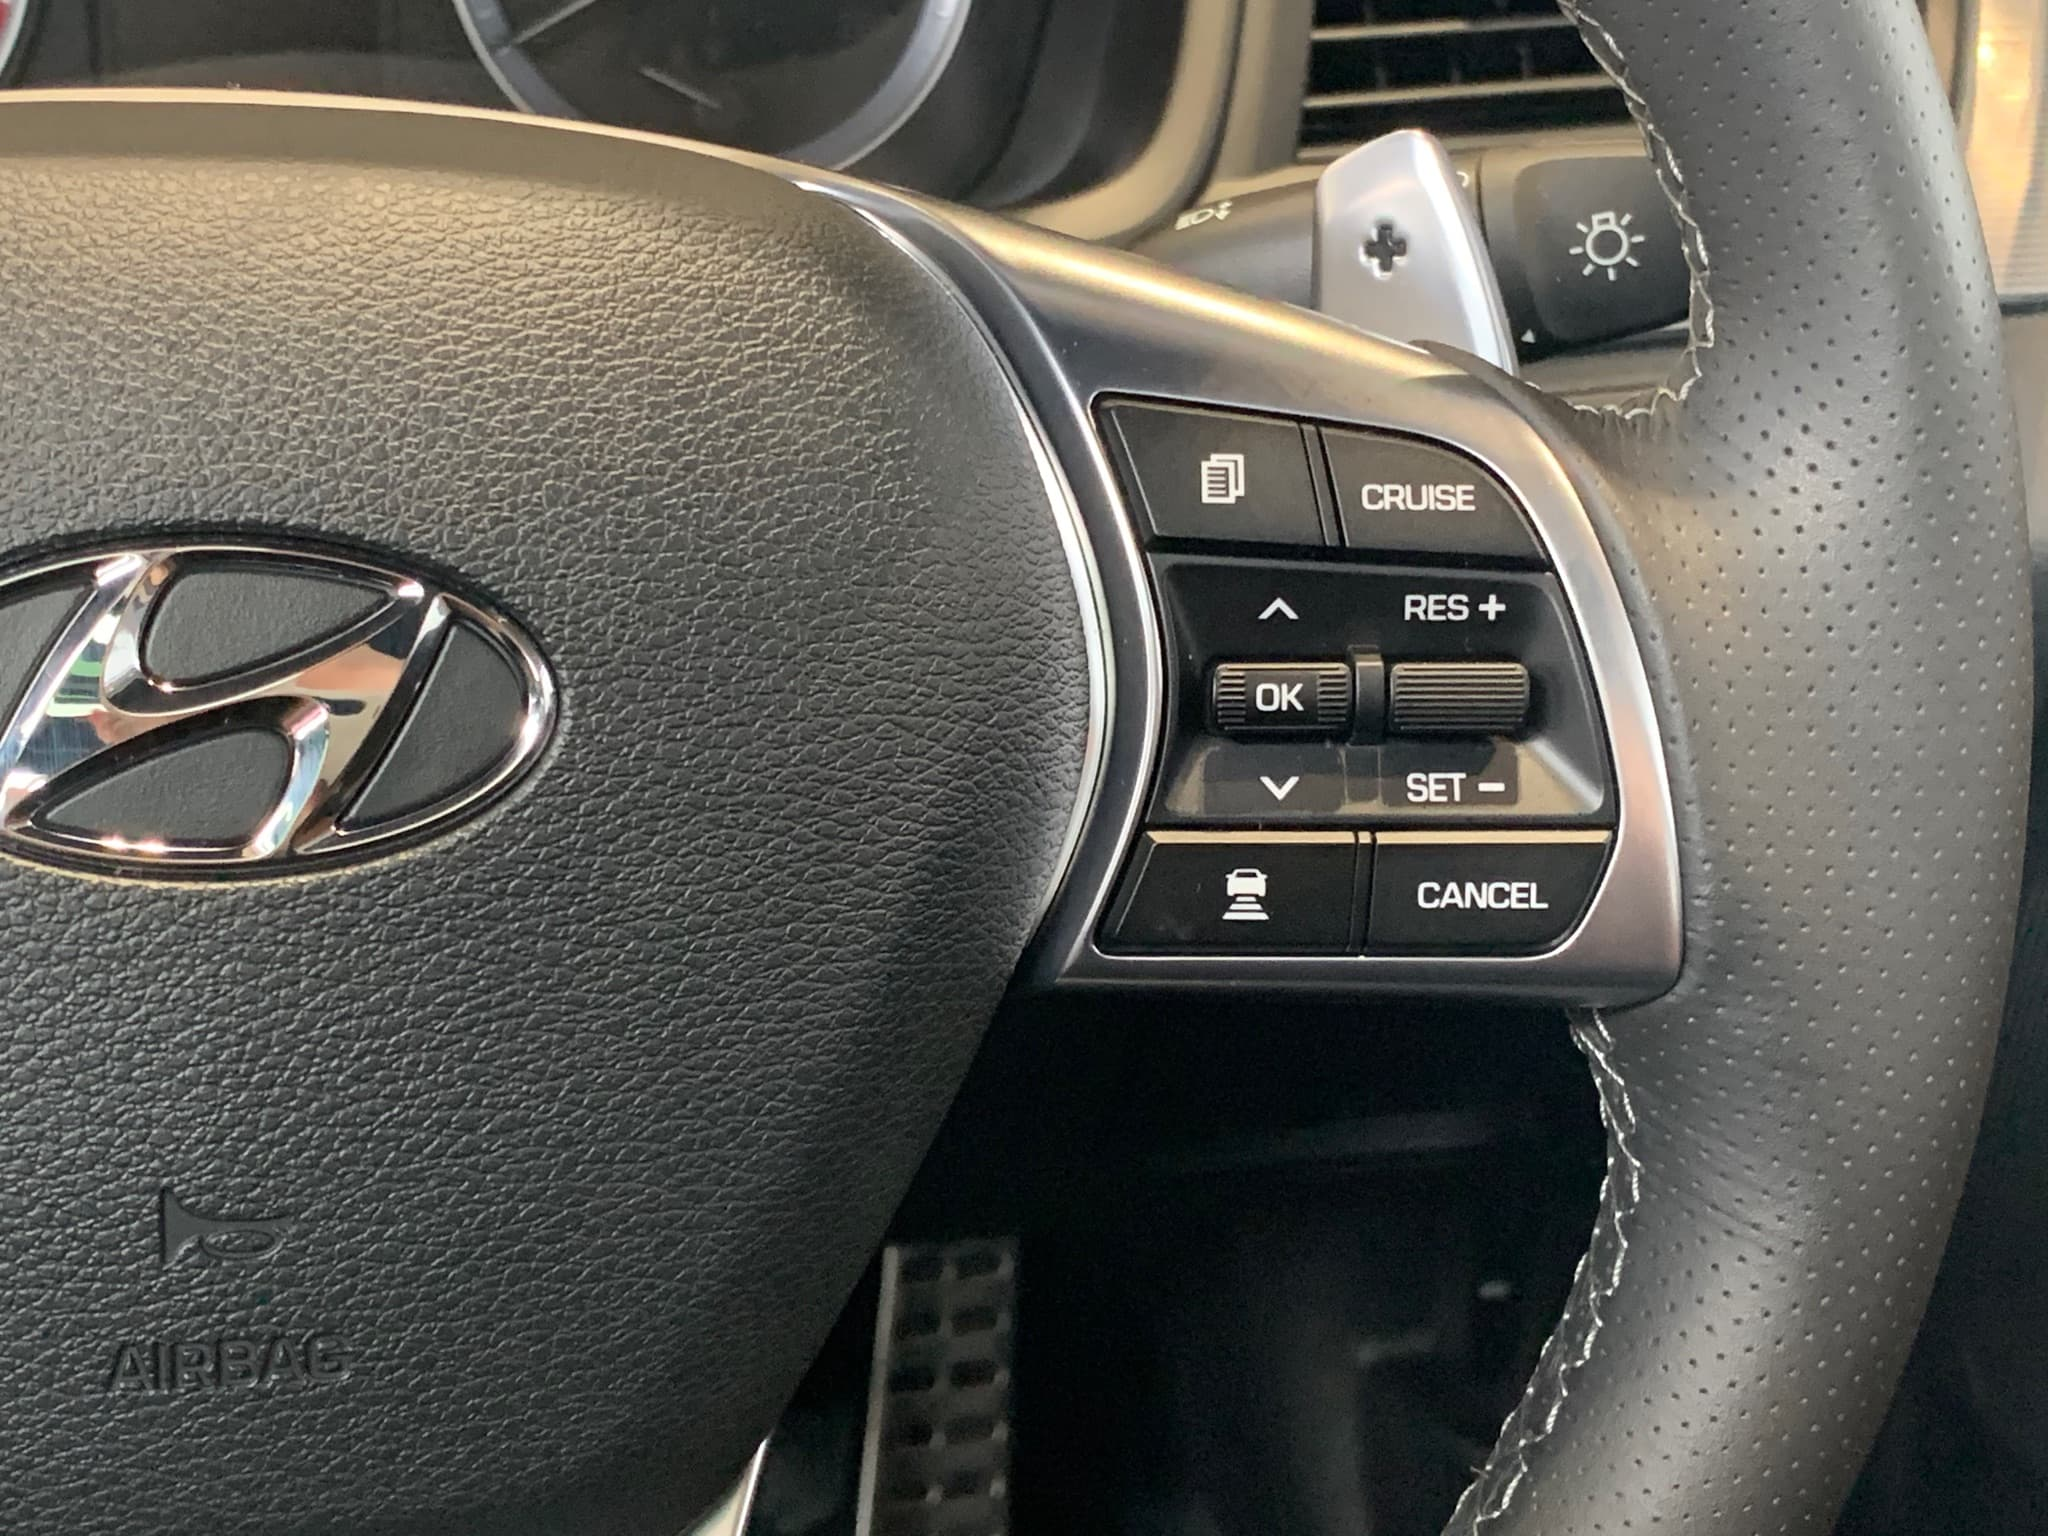 2017 Hyundai Sonata Premium Auto MY18 - image 23